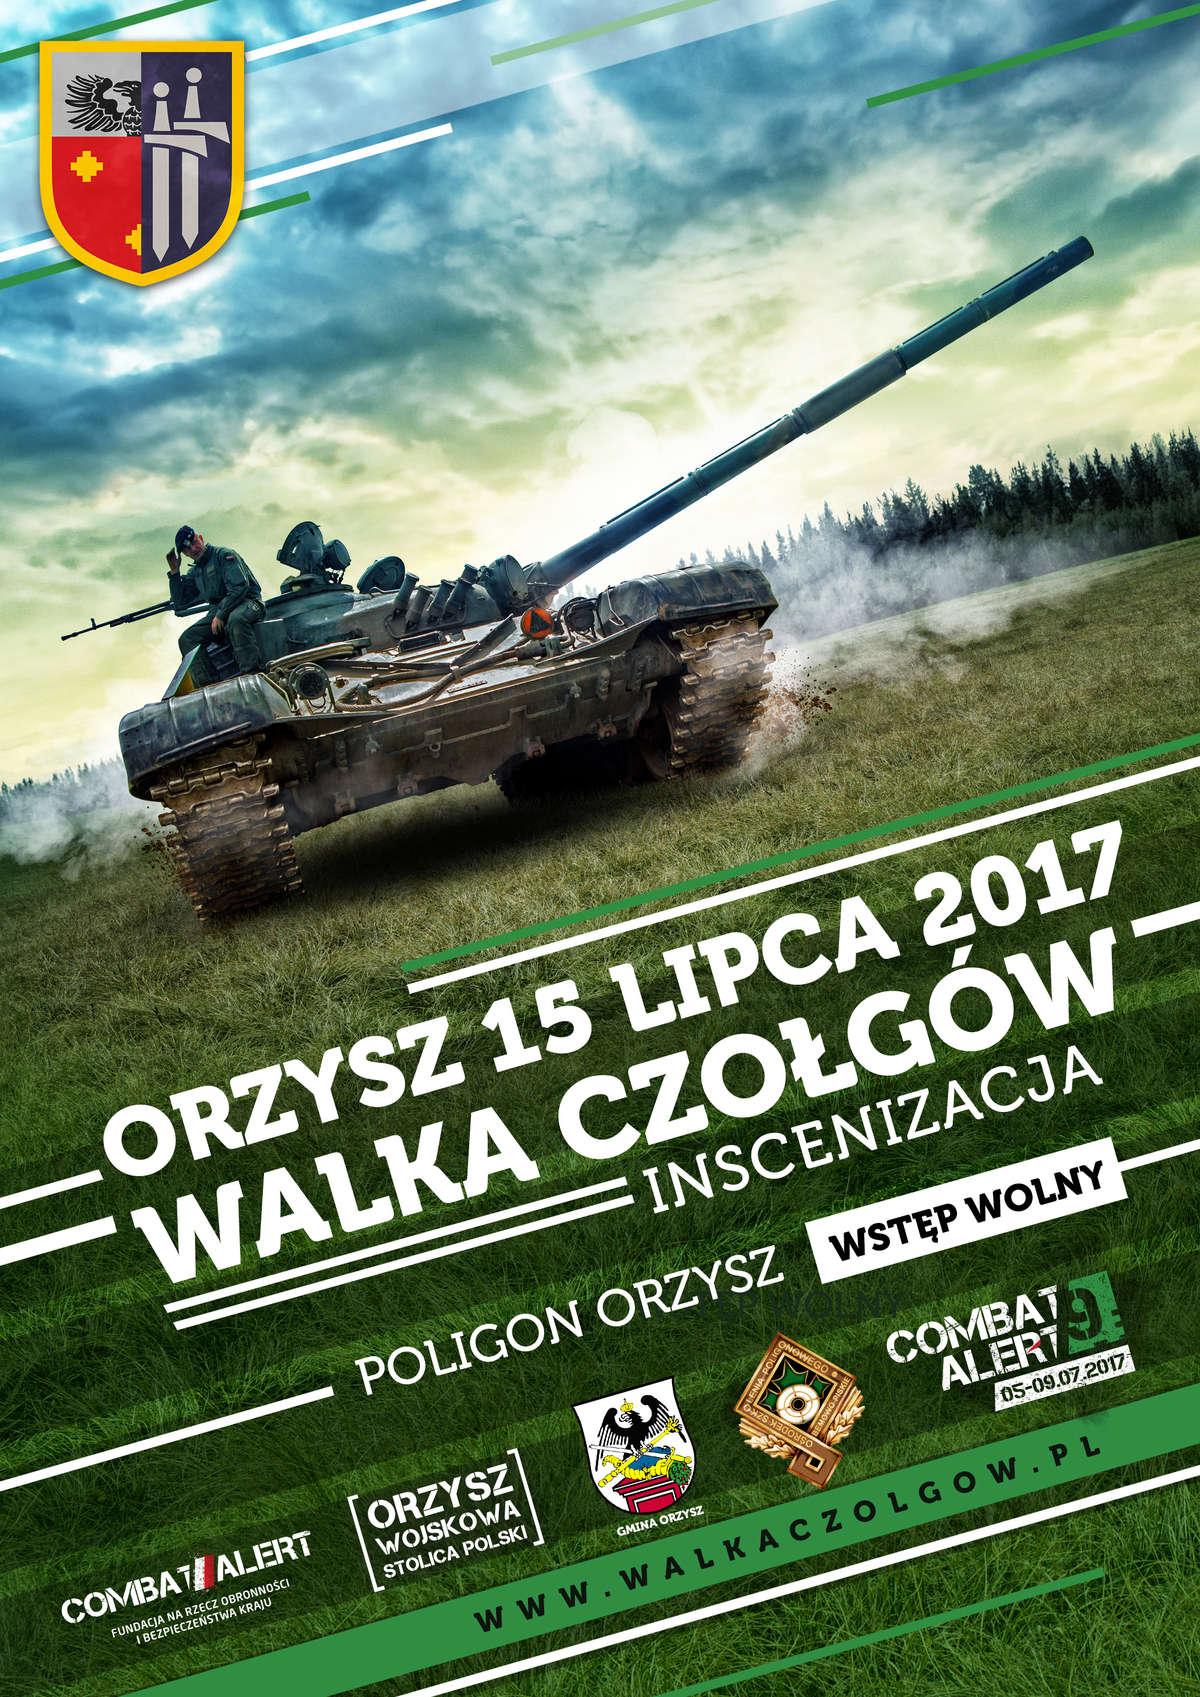 Walka Czołgów, czyli piknik militarny  w Orzyszu - full image